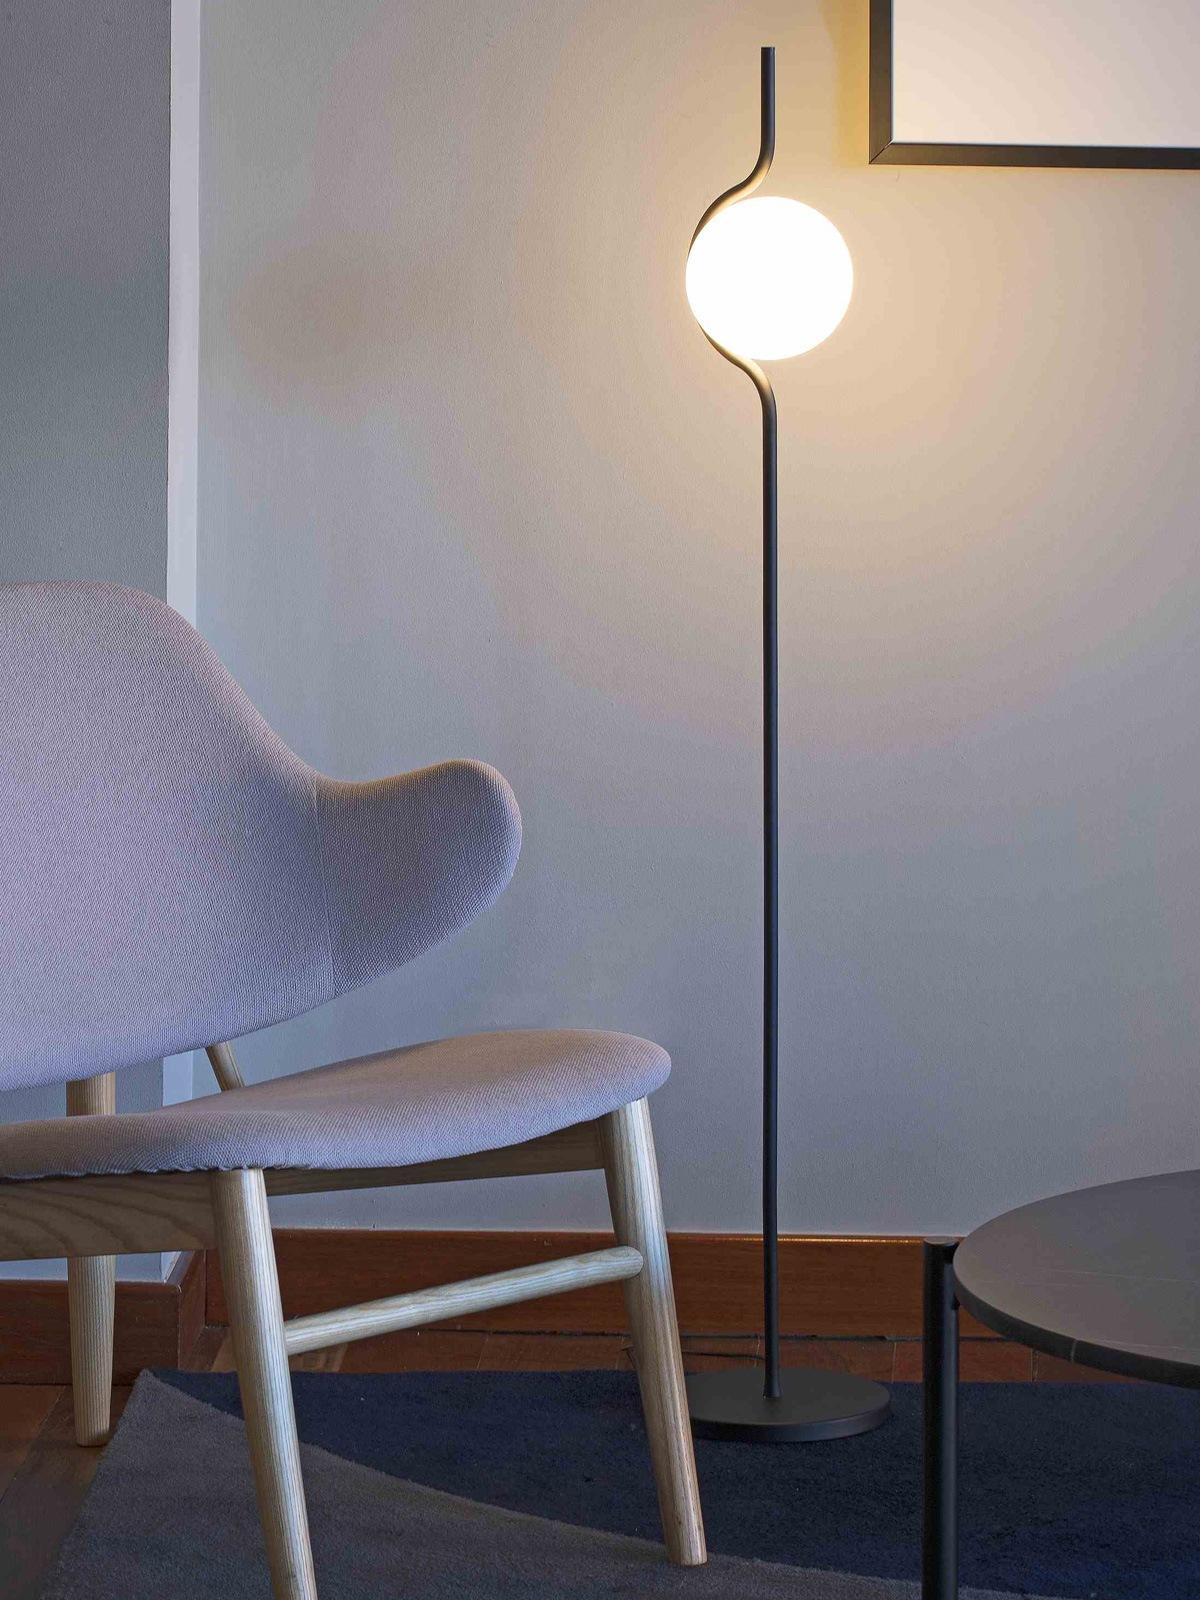 Faro Leuchte Le Vita Designort Onlineshop Berlin Bodenleuchte mit Kabel